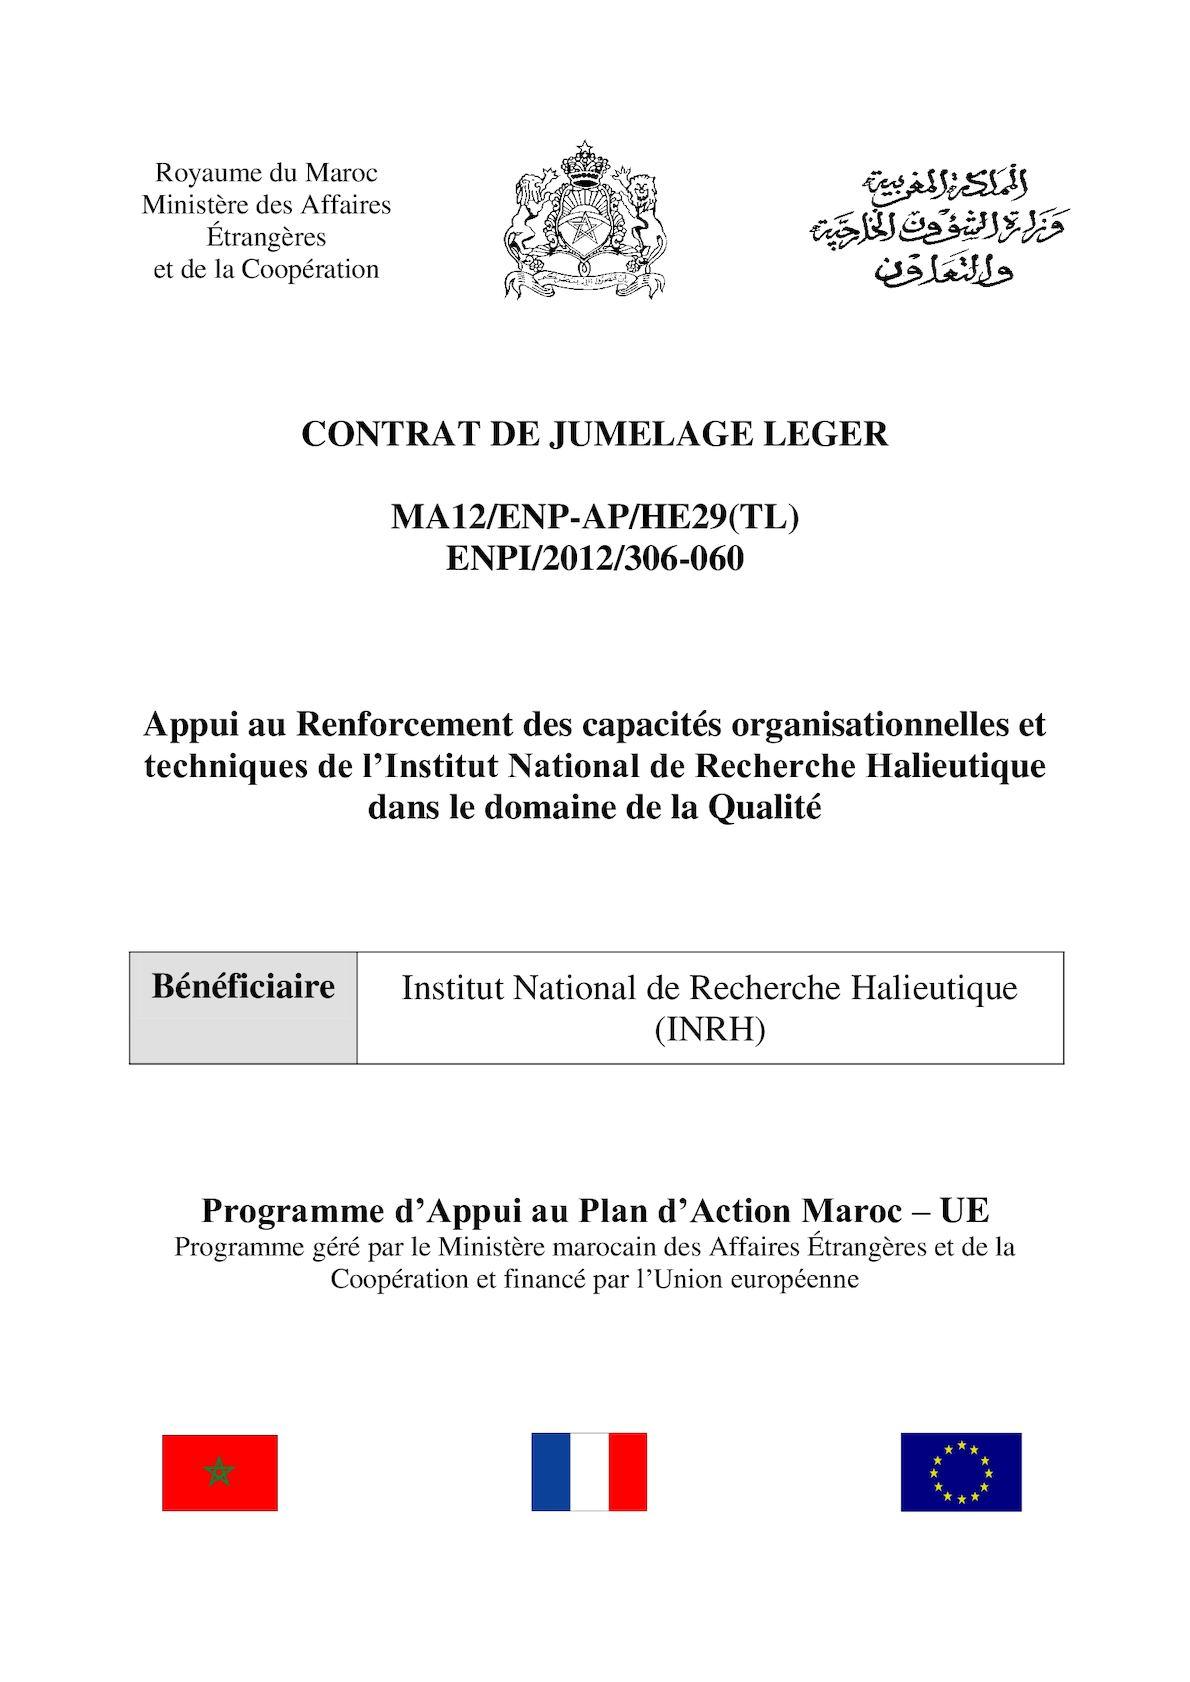 He29 Contrat De Jumelage 08 11 12 Vf